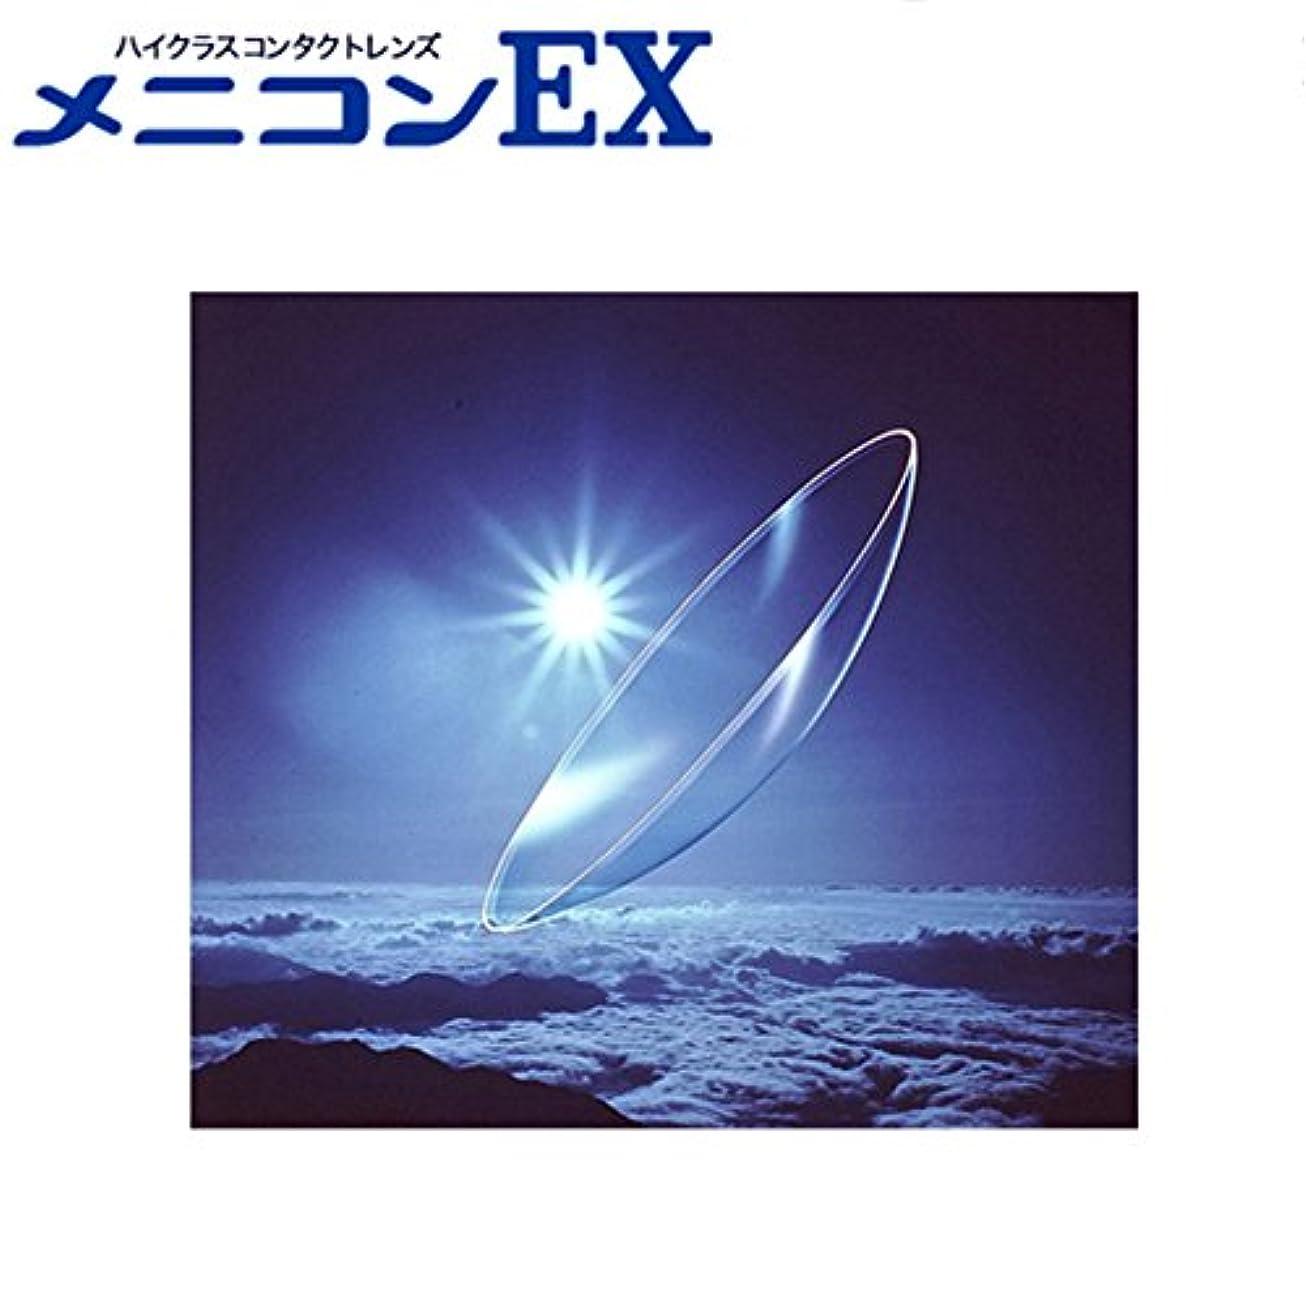 モーションパステルできたメニコンEX 【BC】7.55 【PWR】-5.75 【DIA】8.8